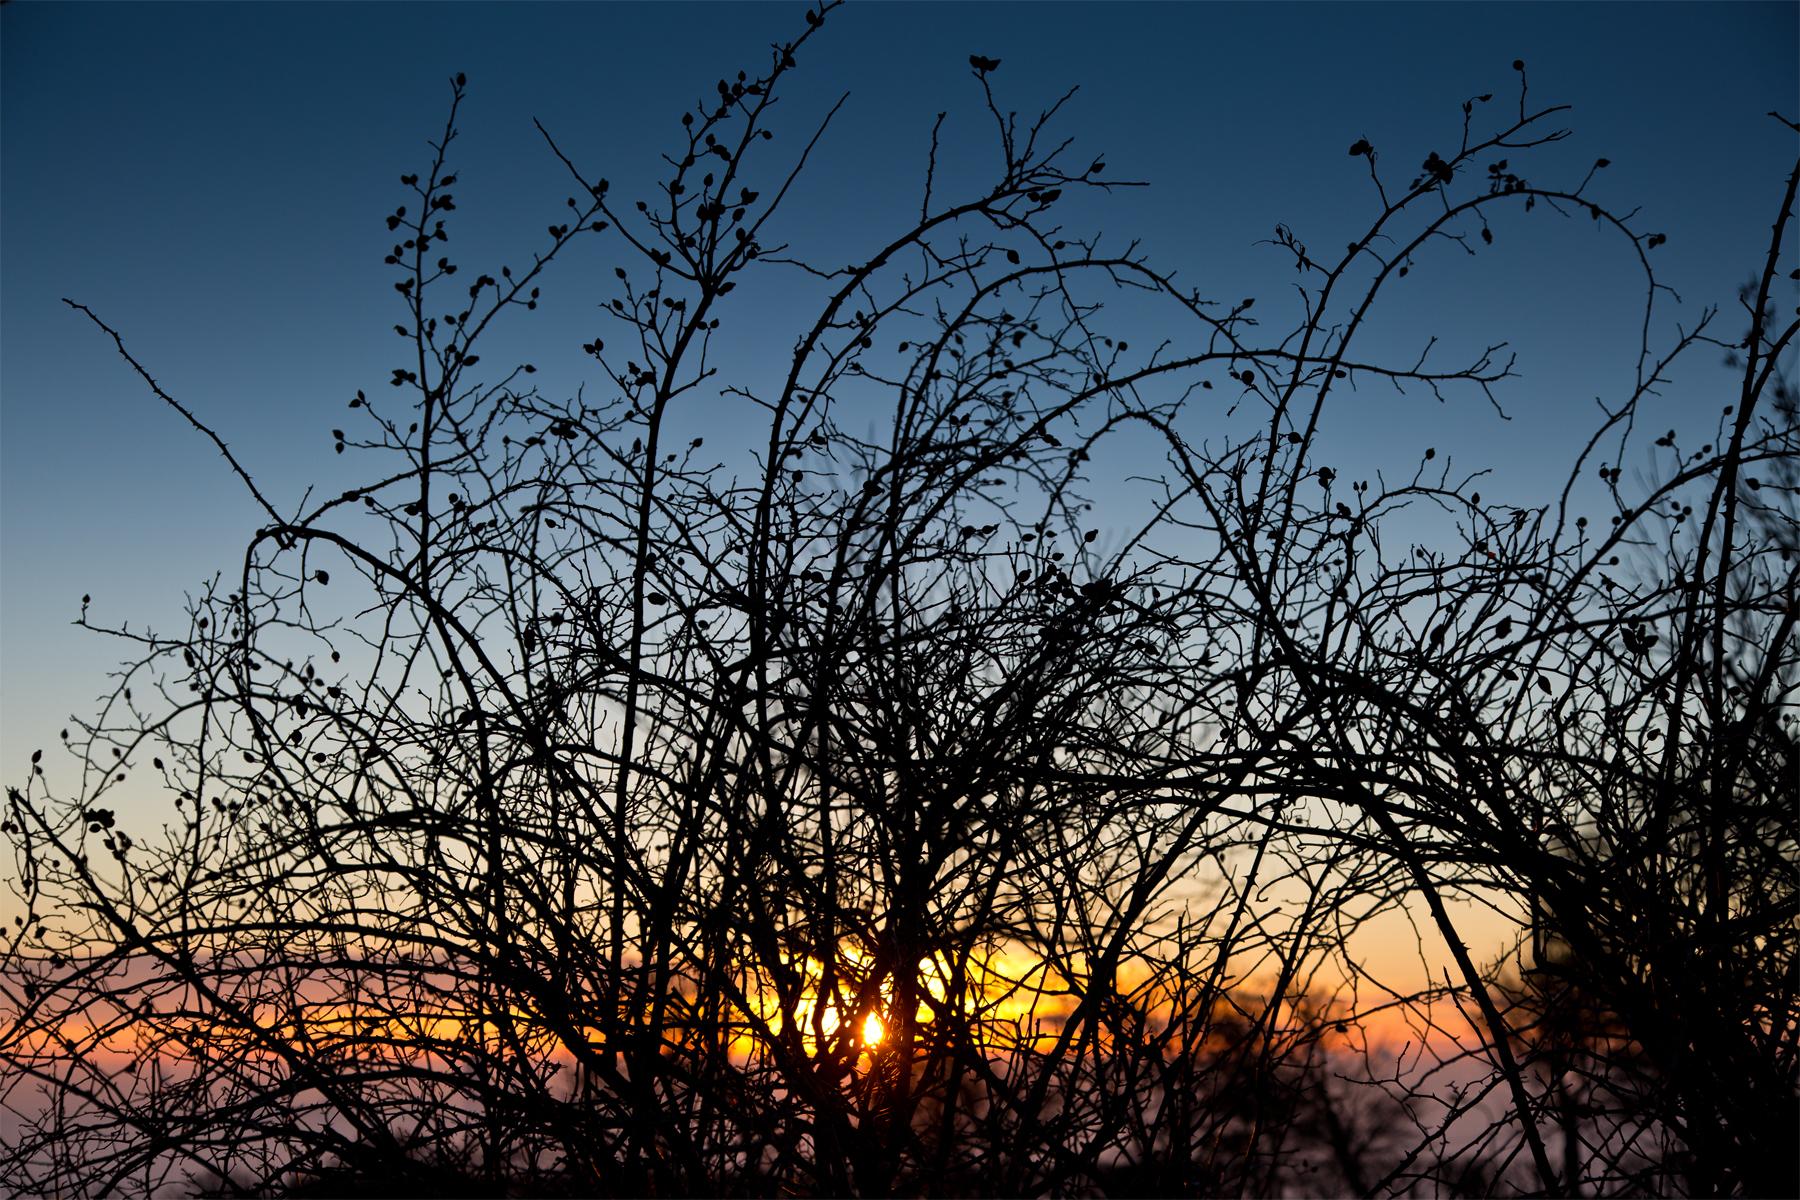 Vor der aufgehenden Sonne